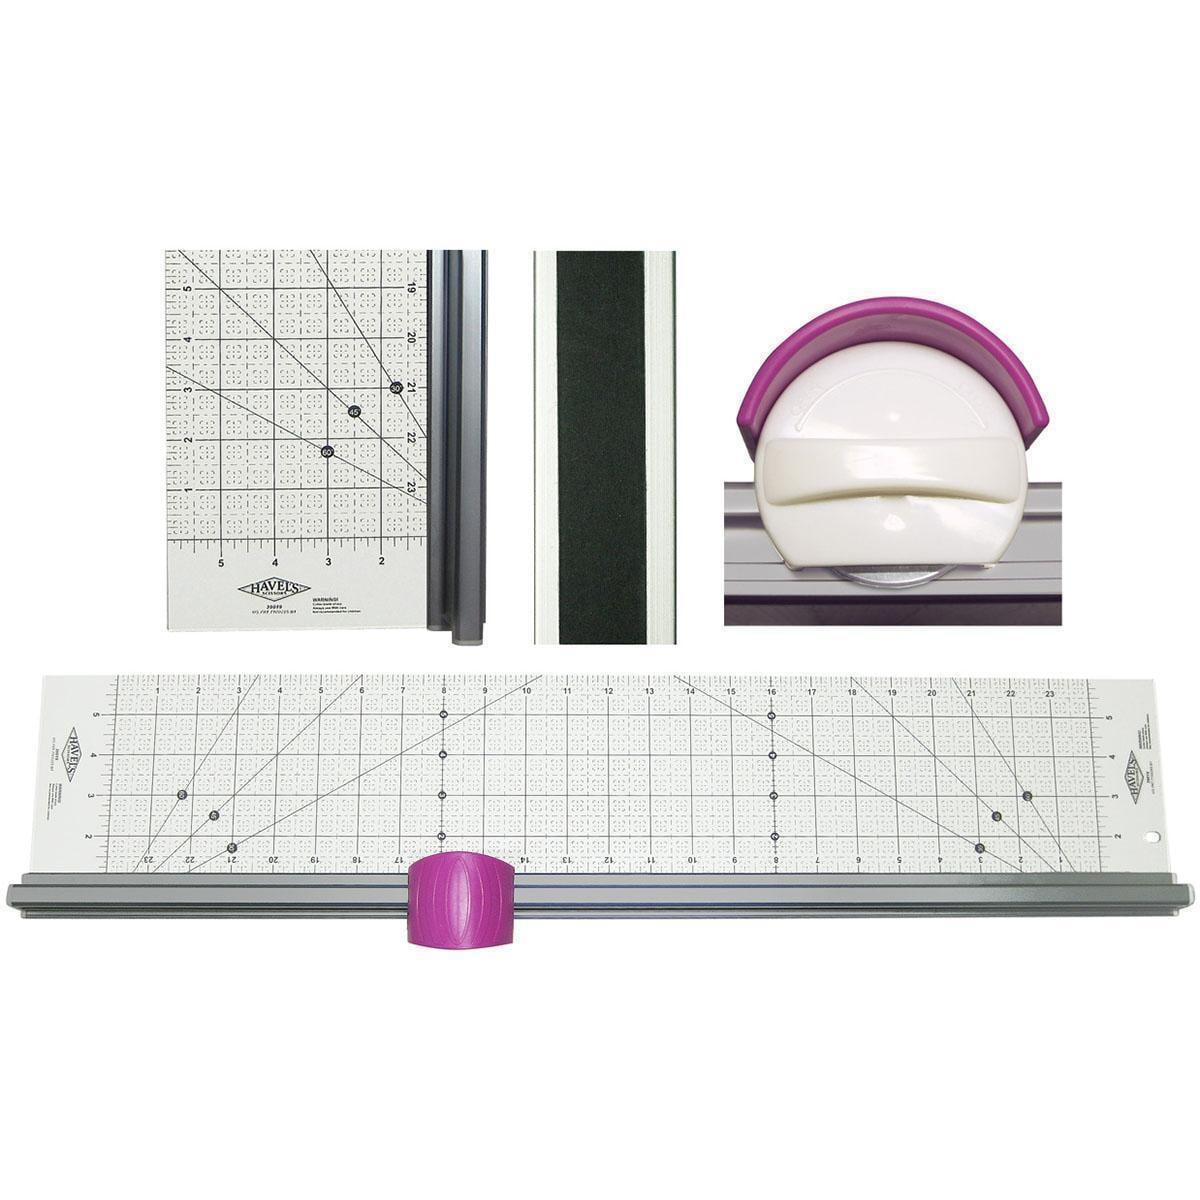 Fabric Cutter - 27-1/2 X6 (Fabric Cutter - 27-1/2 X6)